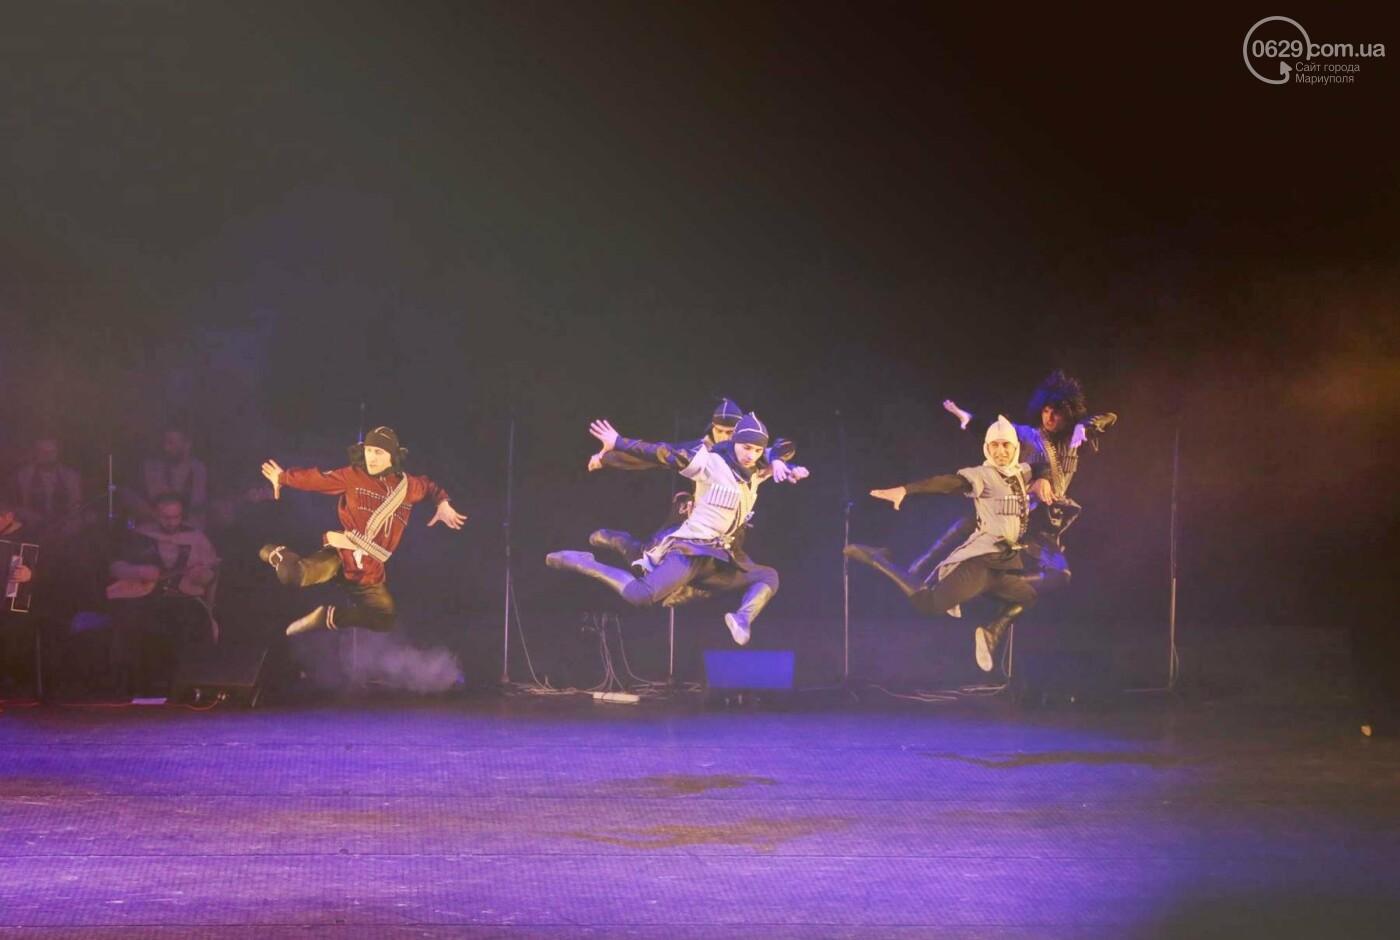 Государственный ансамбль песни и танца Грузии «Кутаиси» в Мариуполе, фото-8